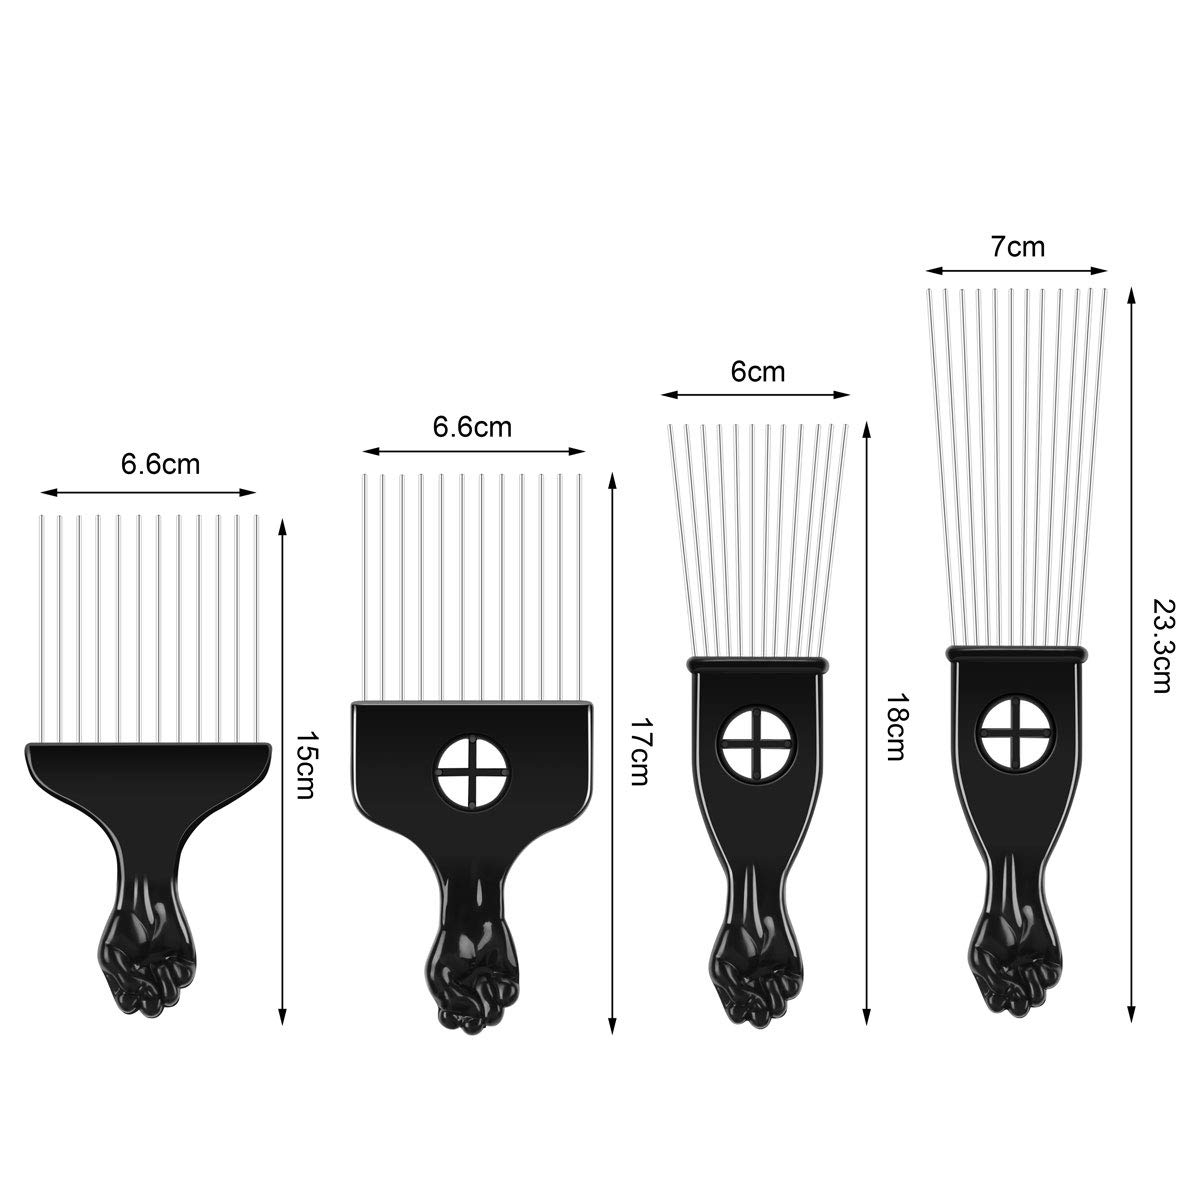 4 peines Afro Pick Pick Pick Peine afroamericano cepillo de pelo metal peines de colorear peluquería herramienta de estilo: Amazon.es: Belleza